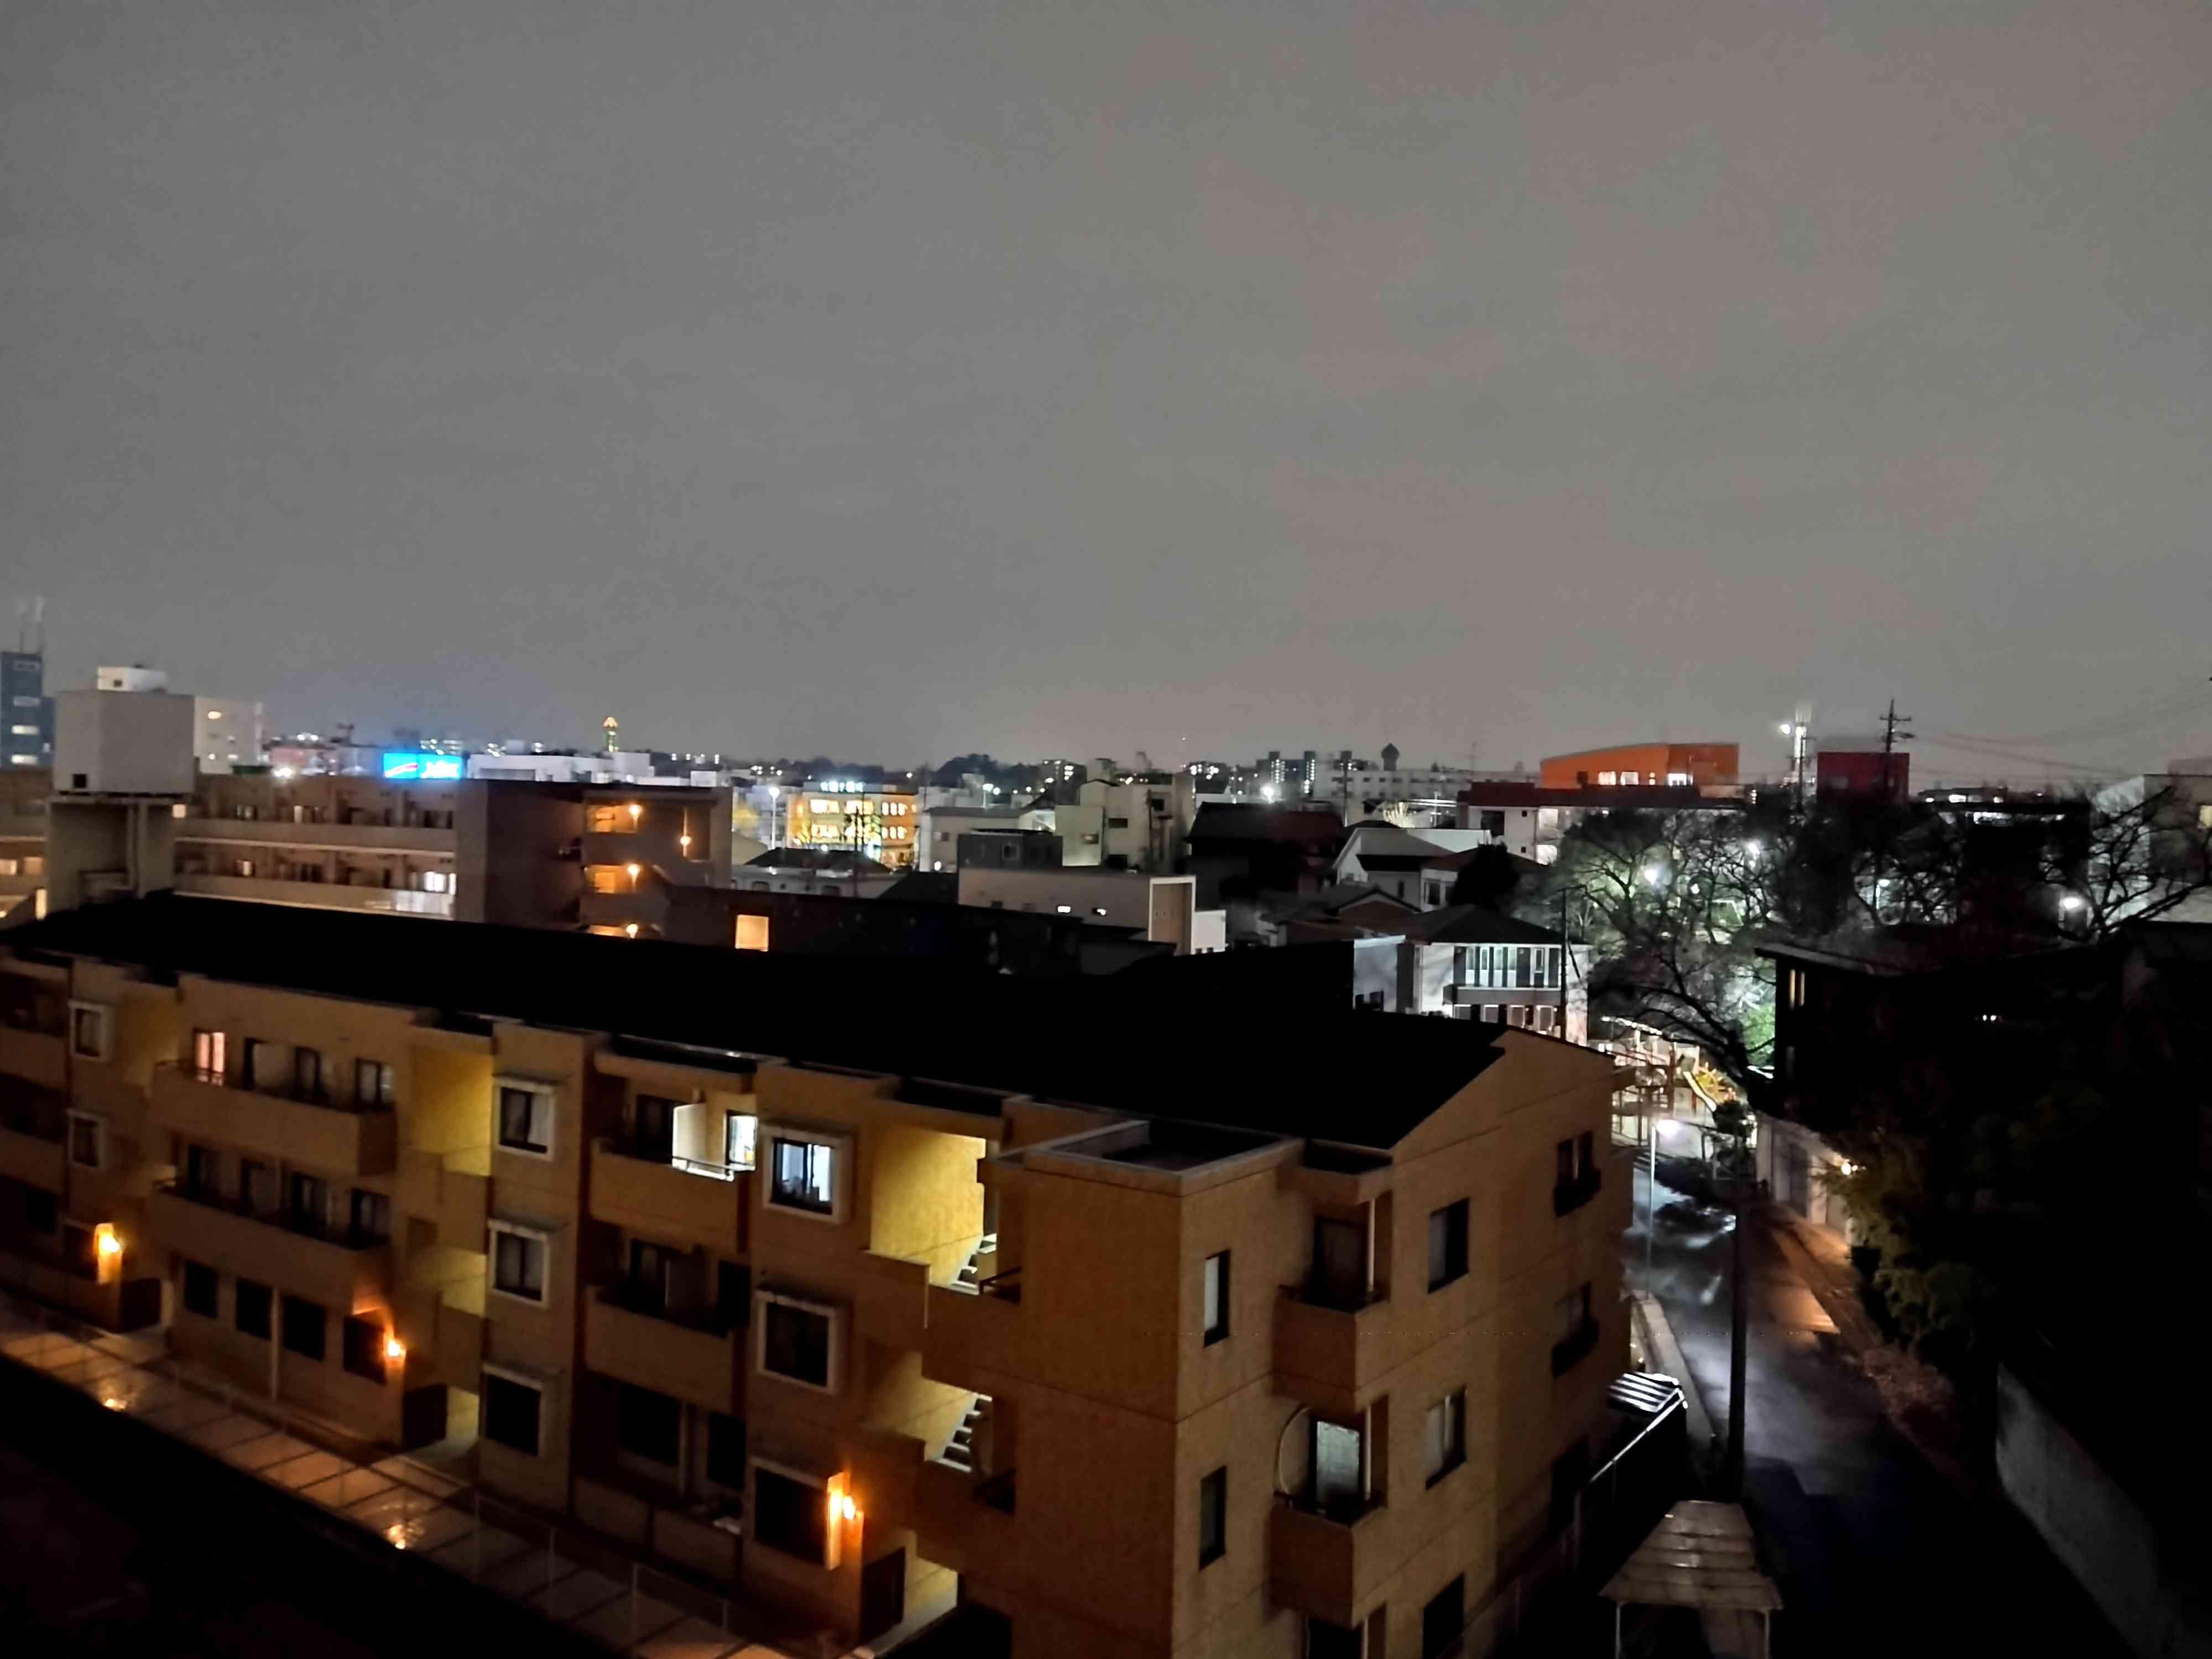 夜景モードのカメラで撮影した夜景写真